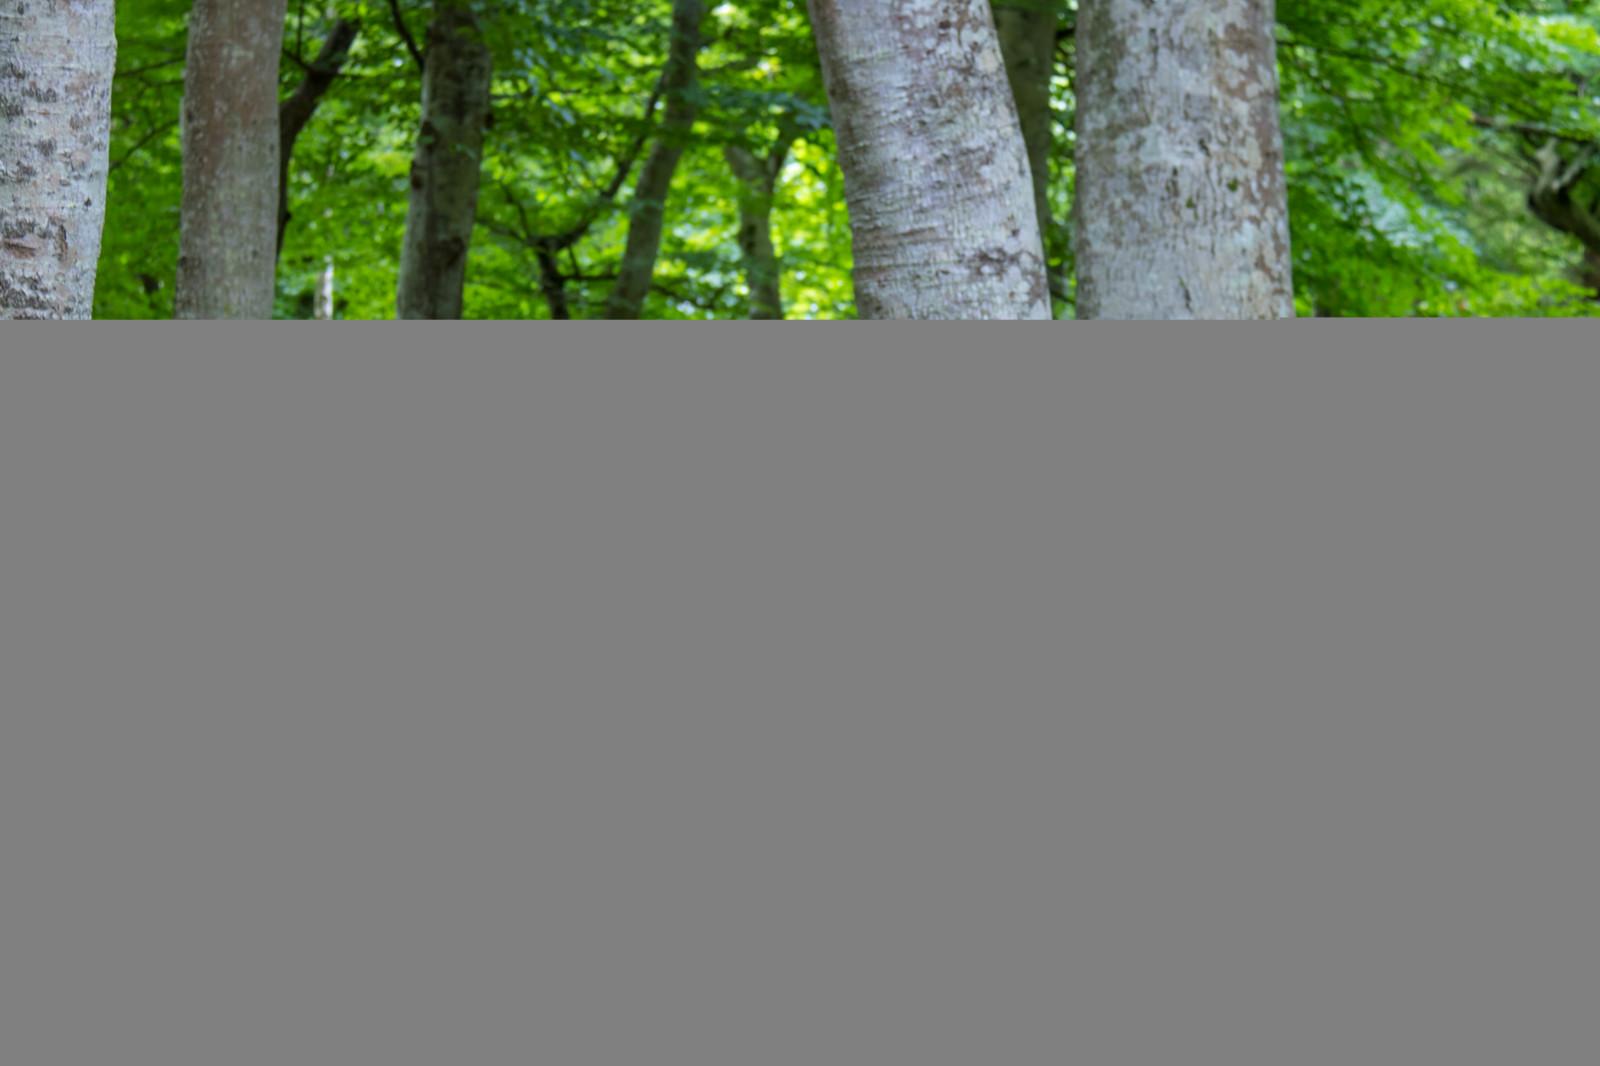 デスクトップ壁紙 森林 ブランチ 緑 カーテン インテリア